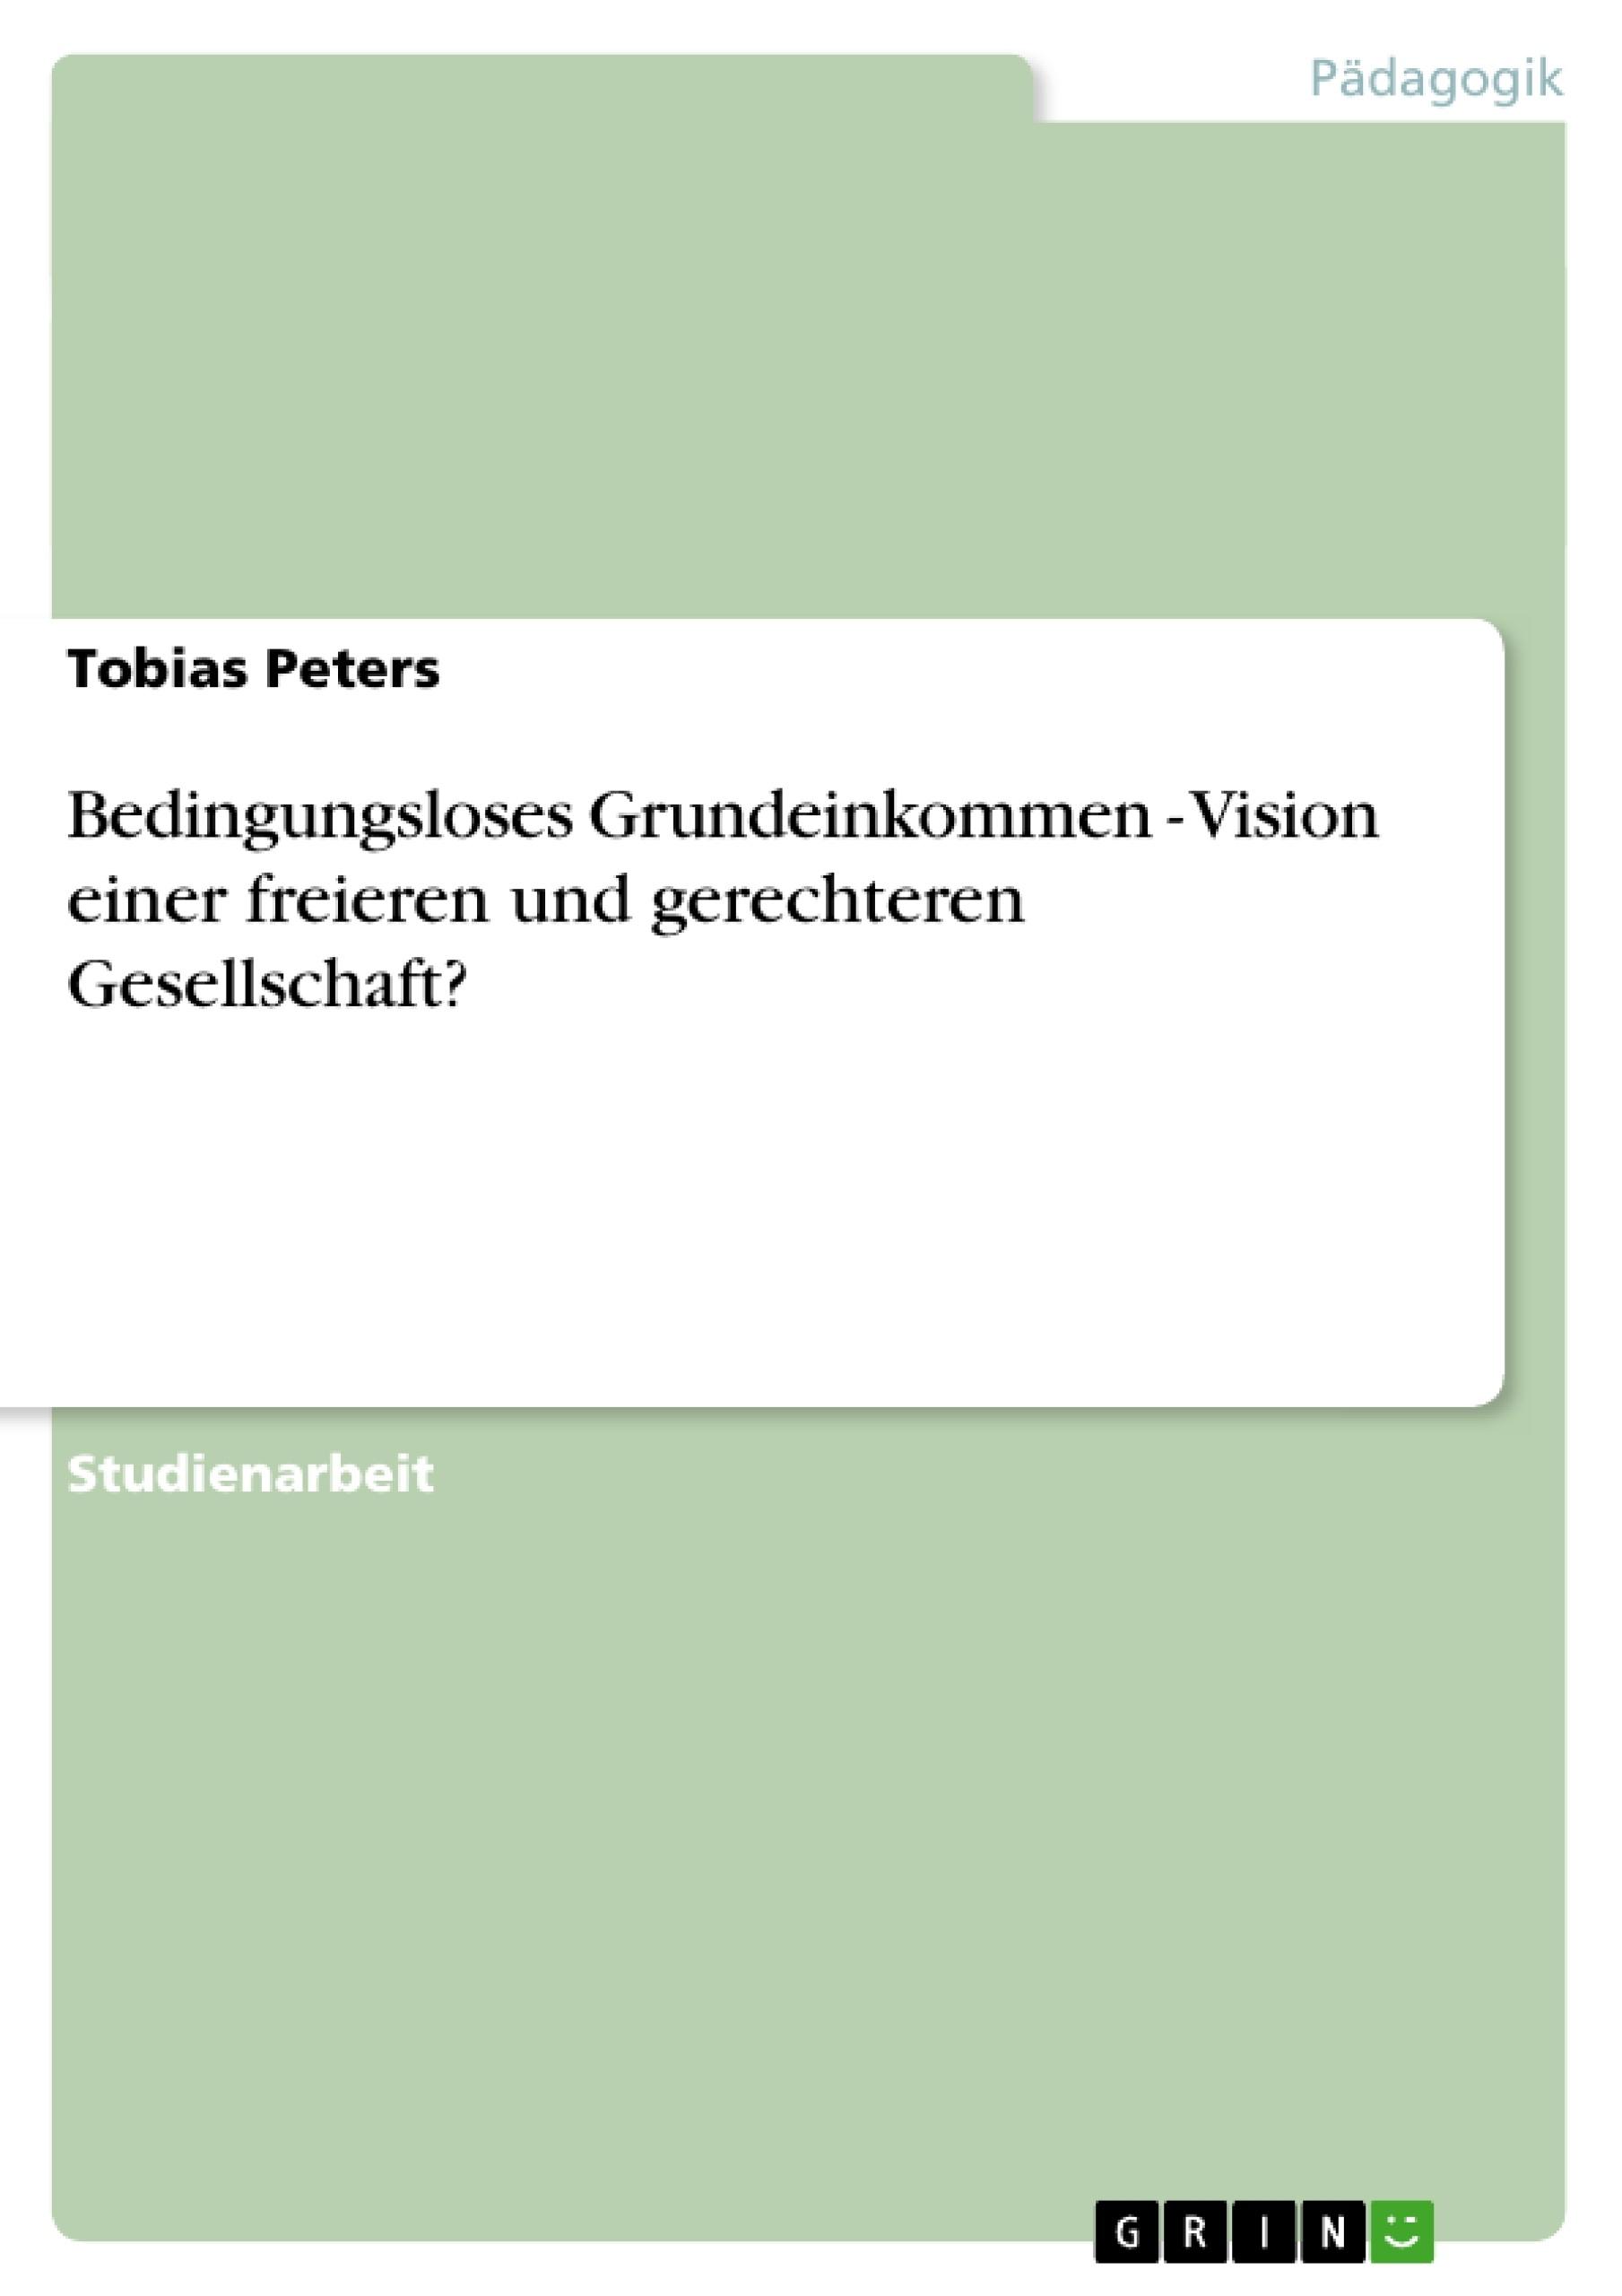 Titel: Bedingungsloses Grundeinkommen - Vision einer freieren und gerechteren Gesellschaft?